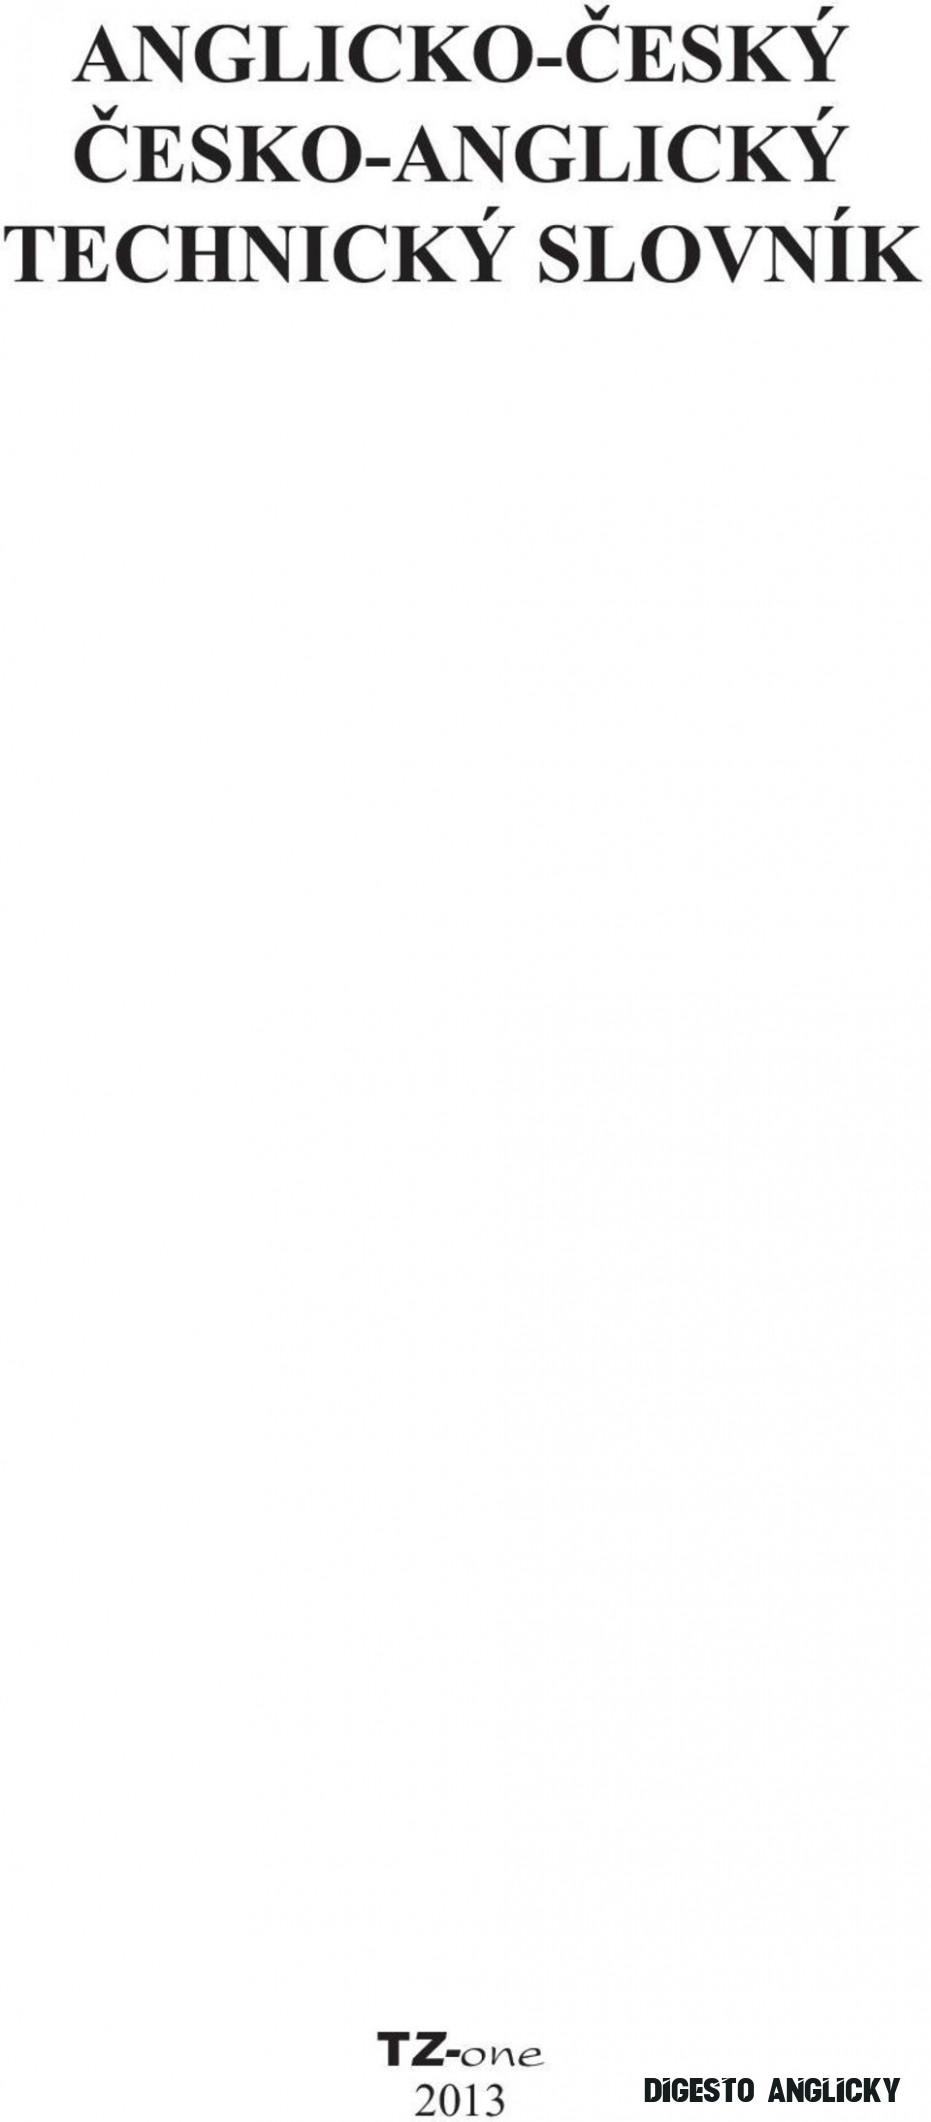 ANGLICKO-ČESKÝ ČESKO-ANGLICKÝ TECHNICKÝ SLOVNÍK - PDF Stažení zdarma